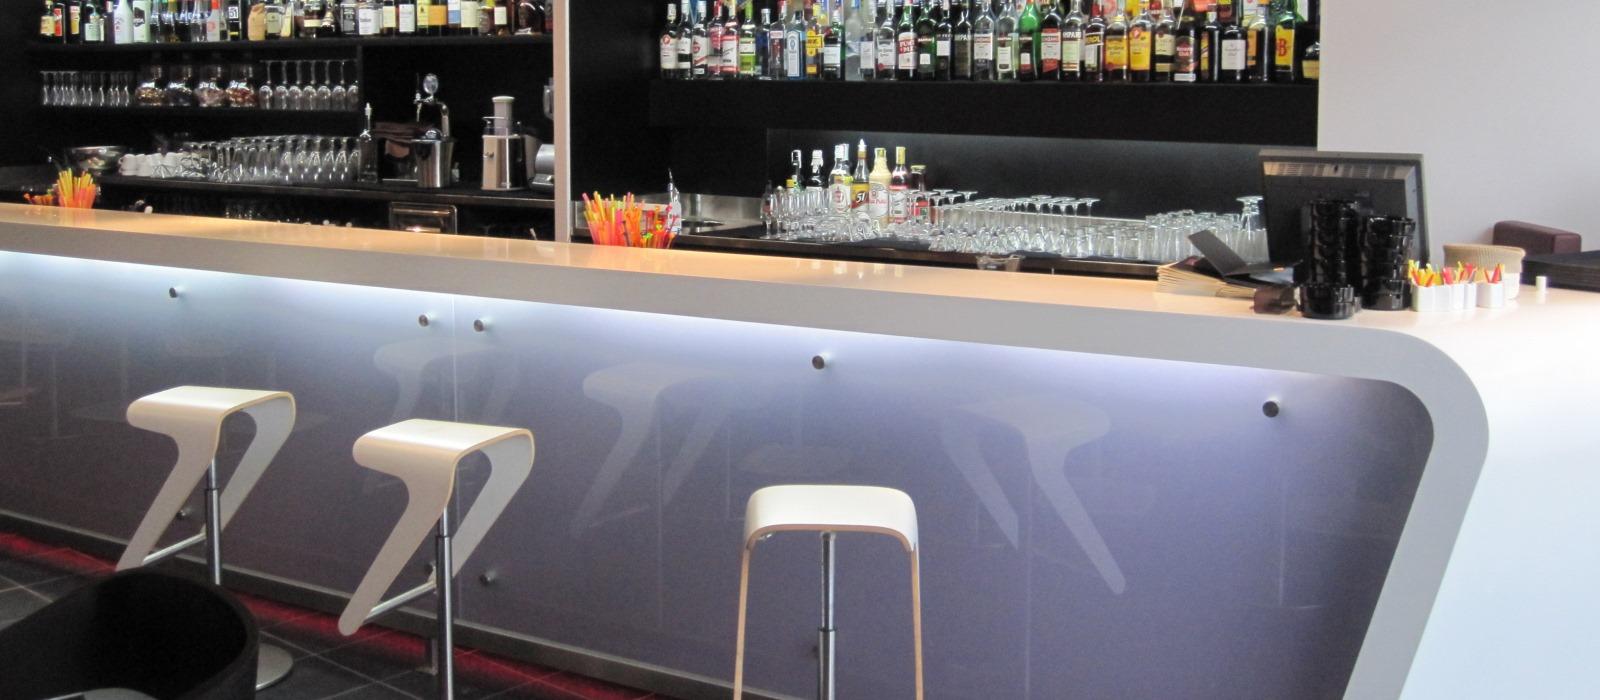 Bar sottobordo la spezia pfz arrredamenti for Marletto arredamenti la spezia